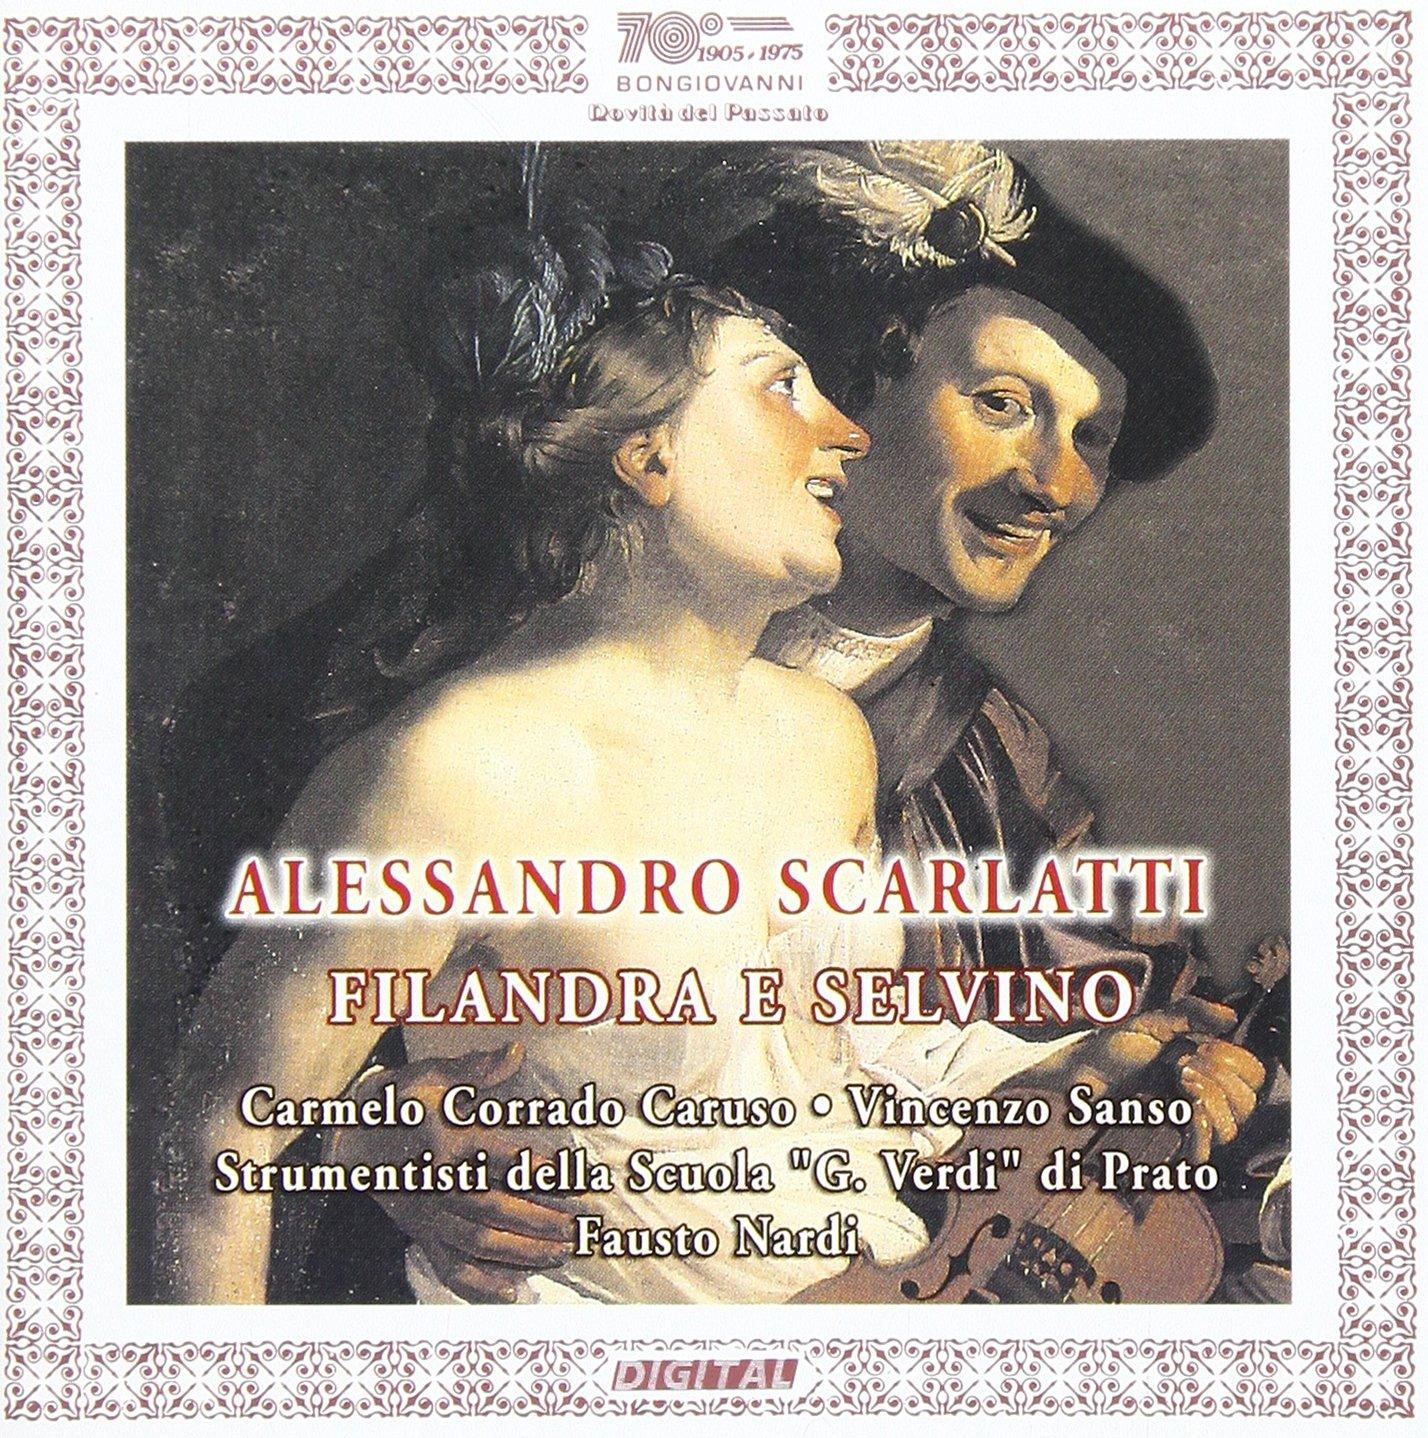 Scarlatti - Caruso, Sanso, Scuola, Nardi Filandra E Selvino